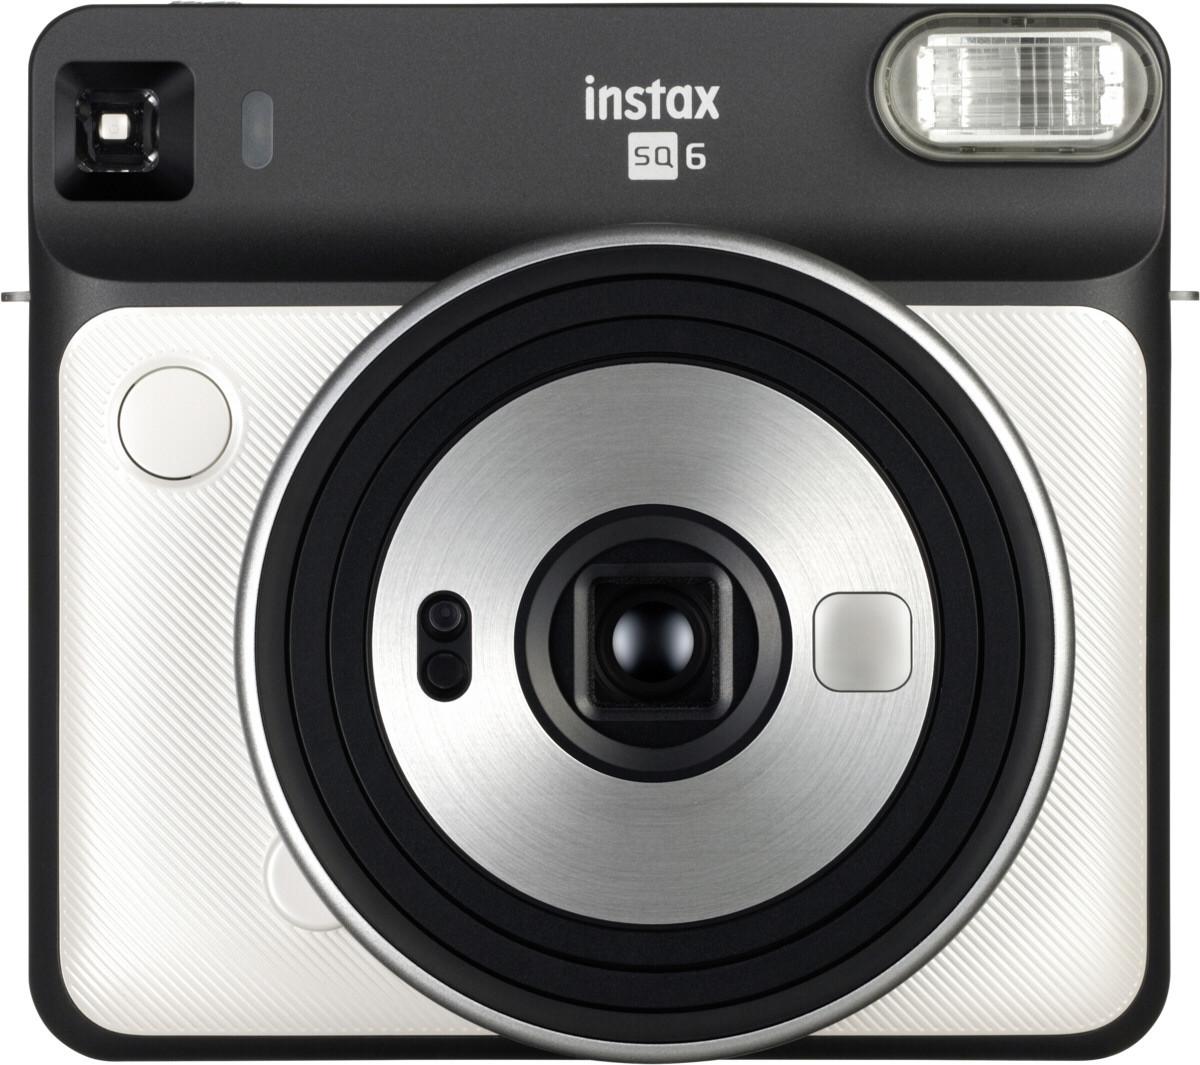 Fujifilm Instax SQ6, pērļu balts + fotomateriāls 4741326404689 4741326404689 Digitālā kamera